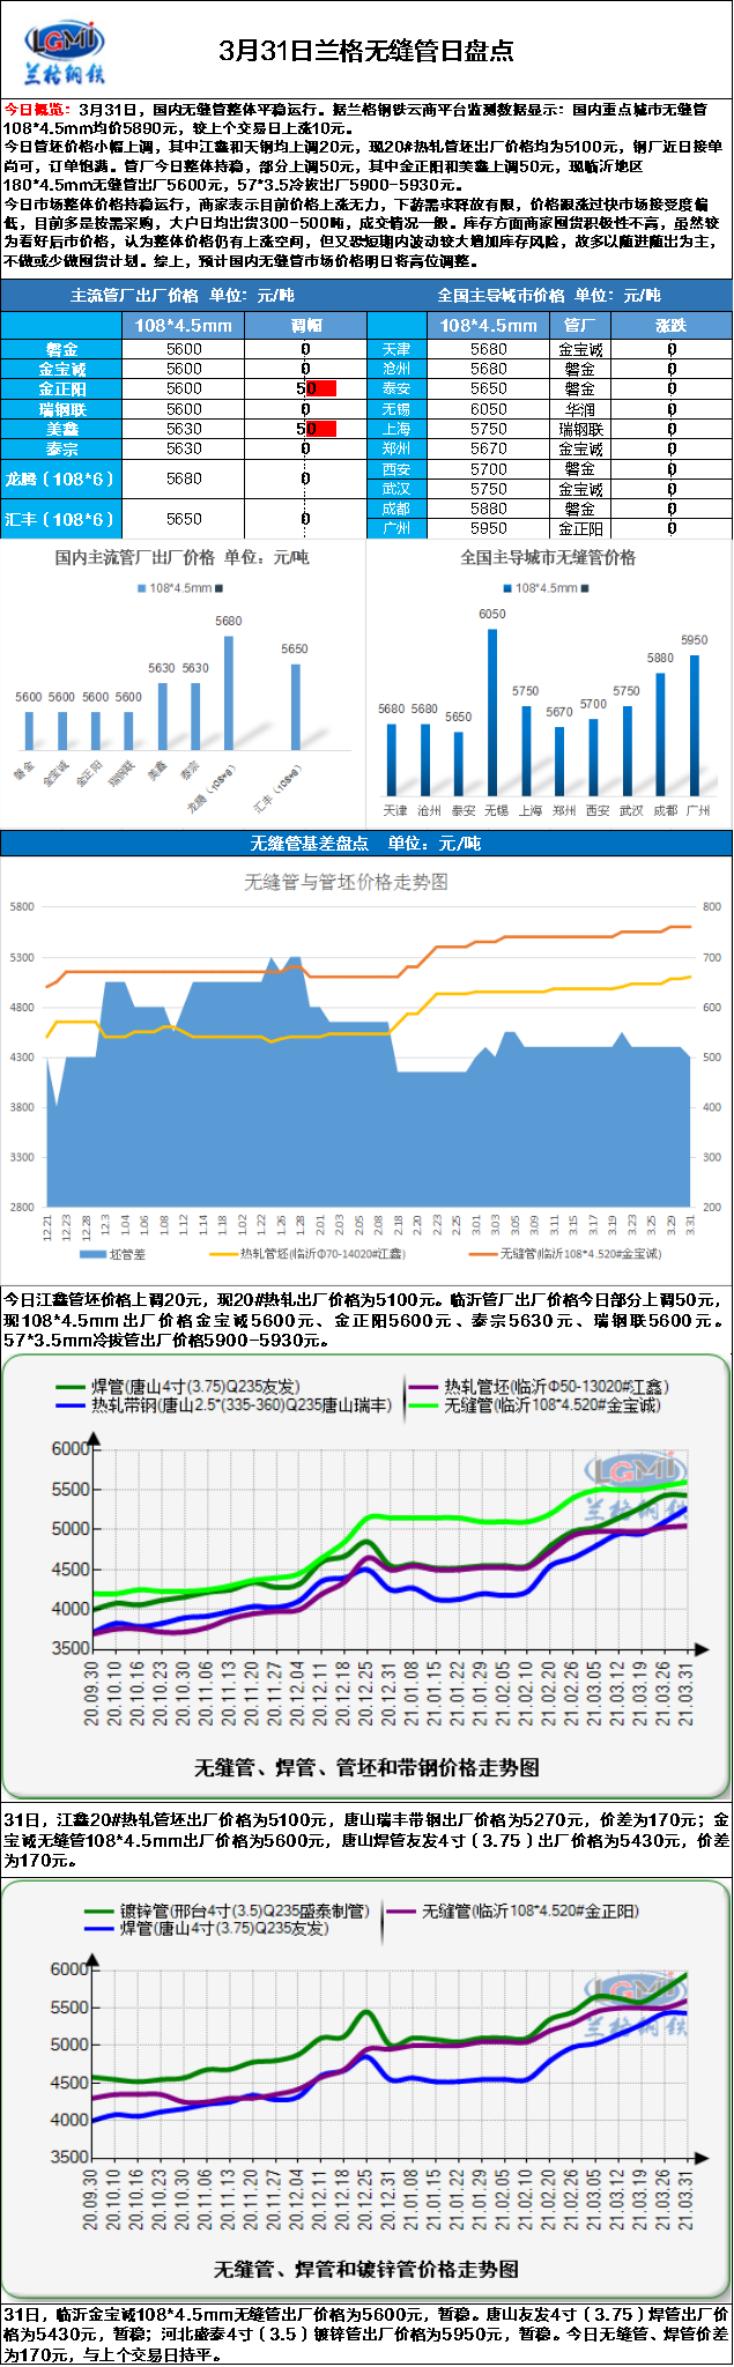 兰格无缝管日盘点(3.31):市场价格高位盘整  成交情况较为一般